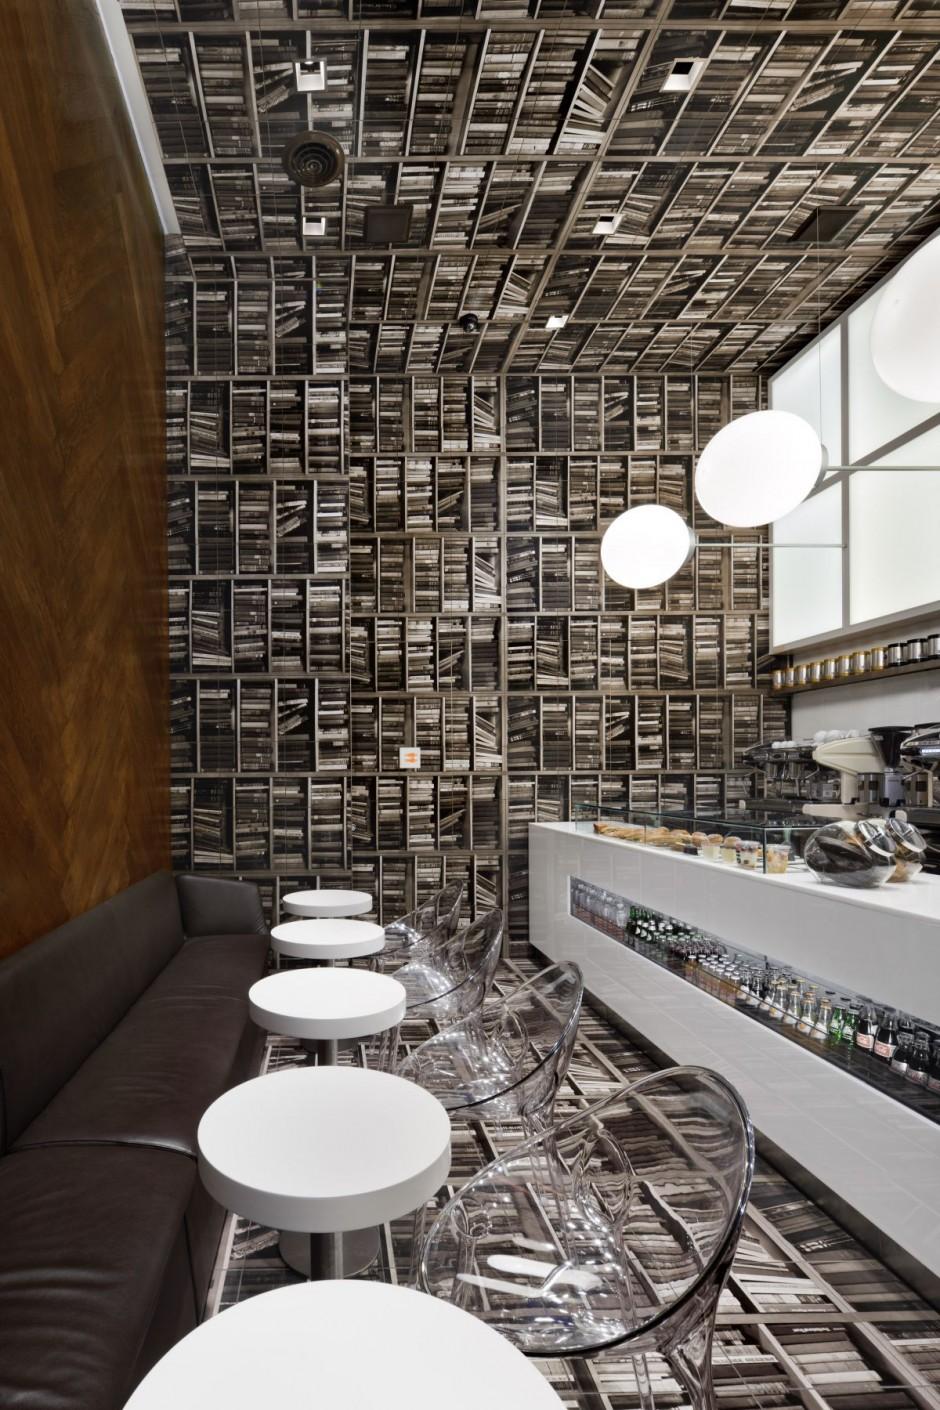 D Espresso Caf Interior Em Nova York Por Nema Workshop